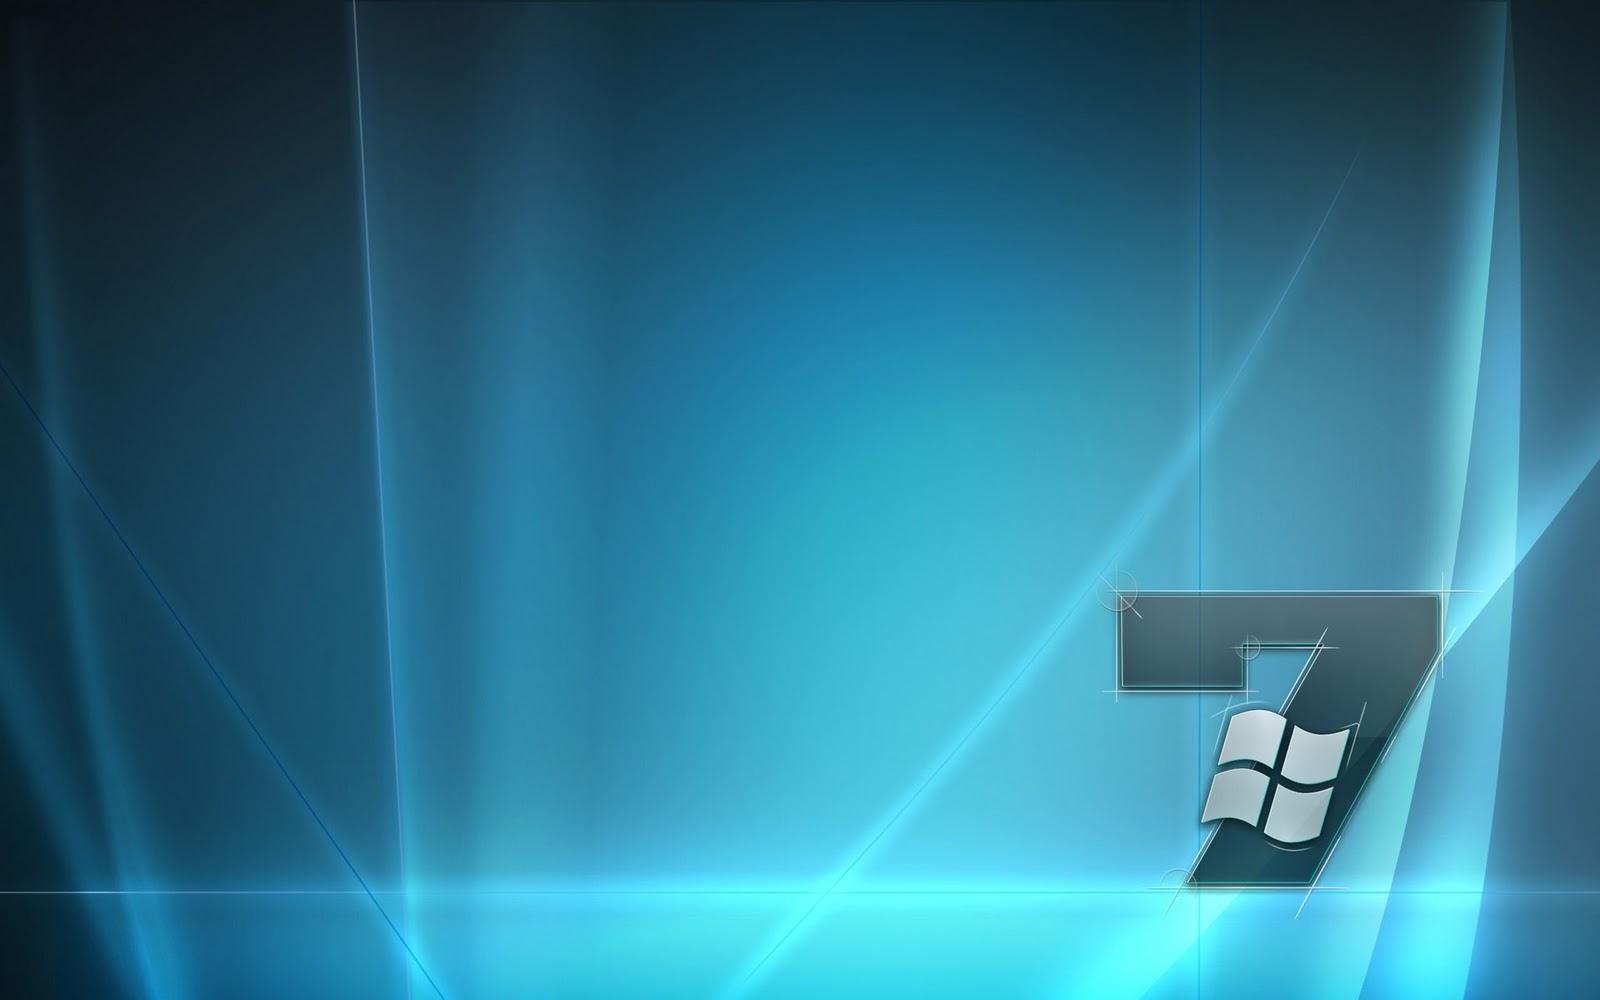 Best Desktop HD Wallpapers: Windows 7 Wallpapers